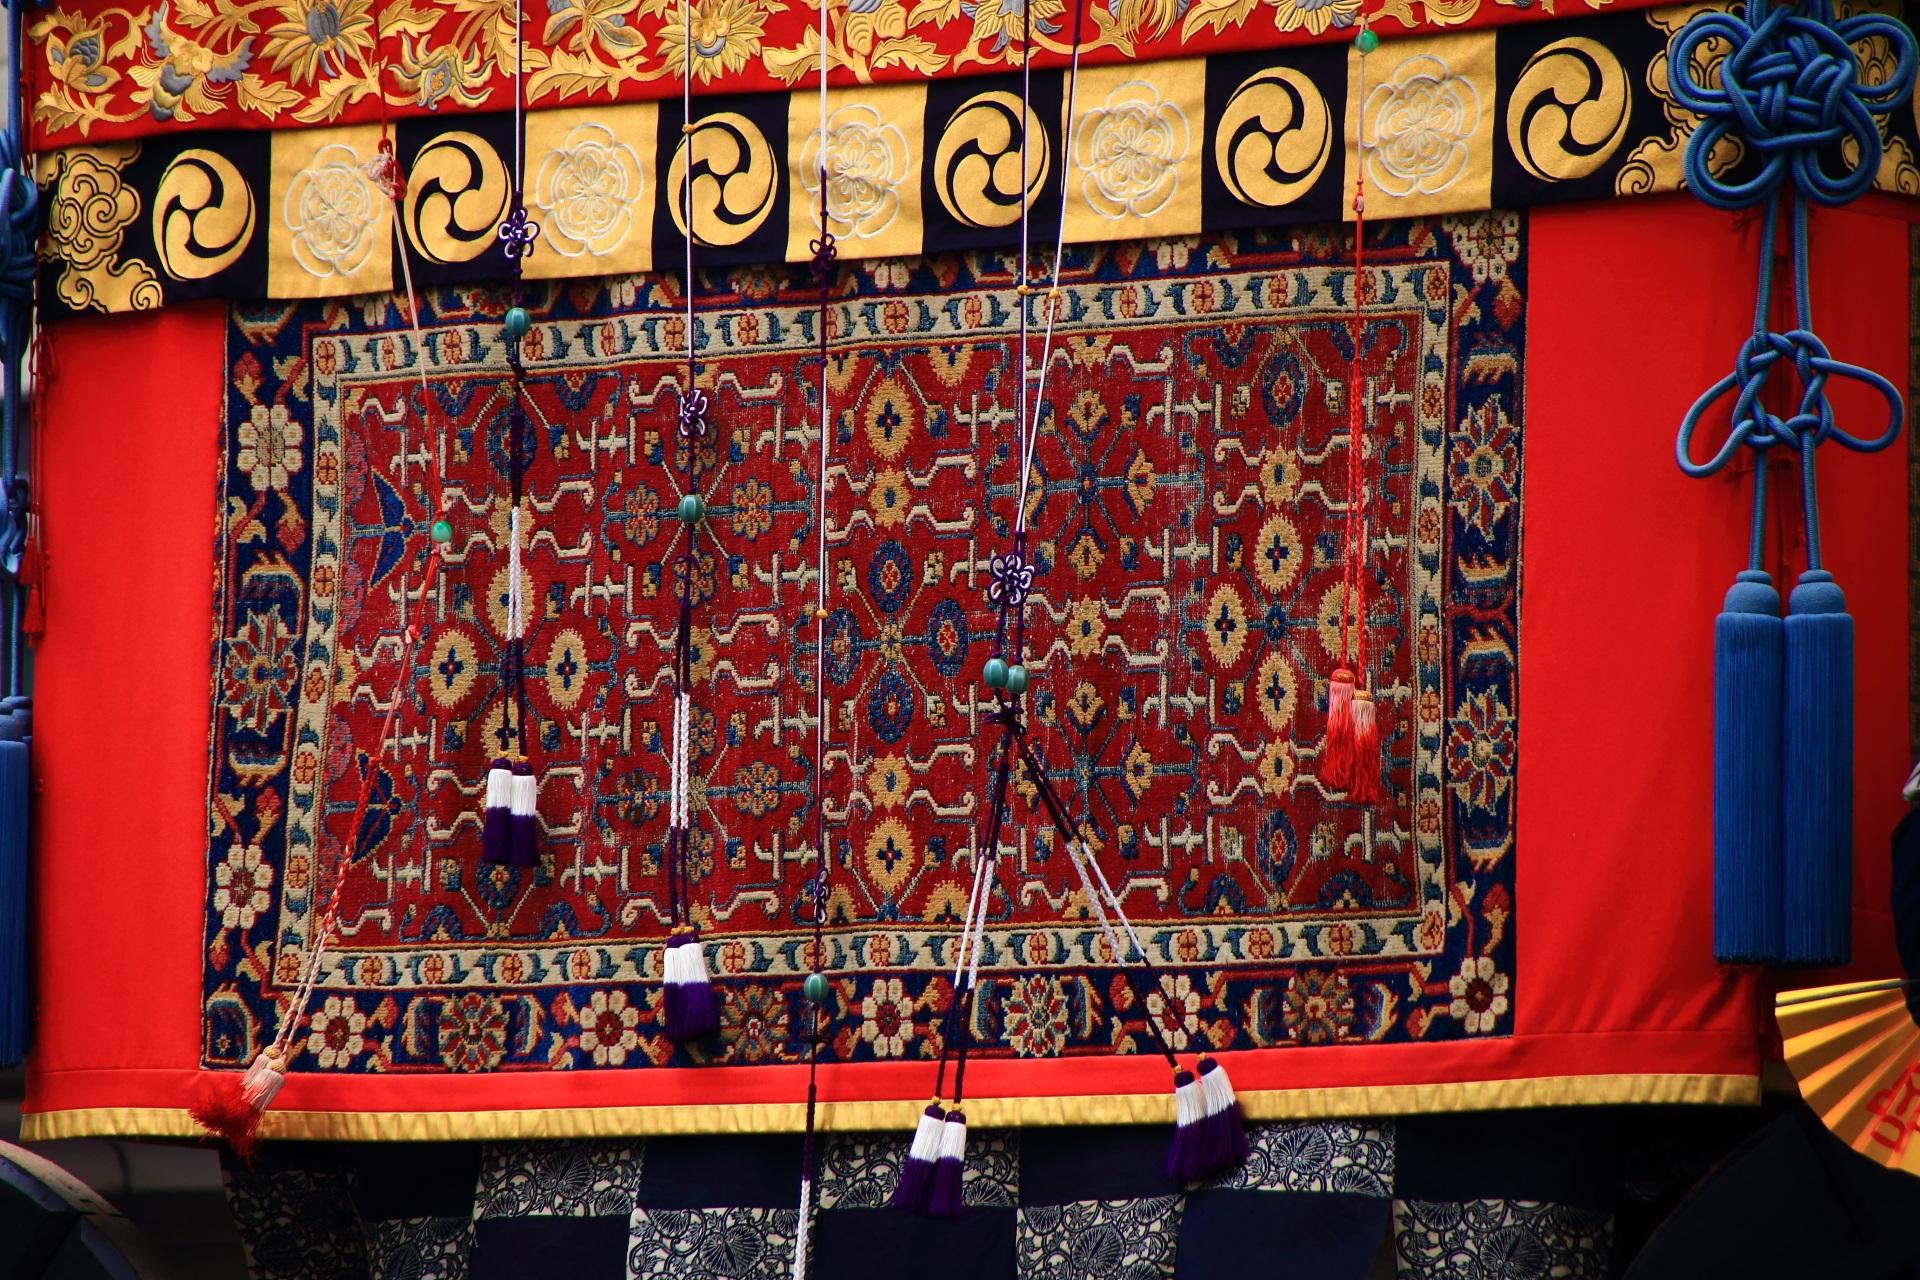 岩戸山の胴懸の上で揺れる飾り紐